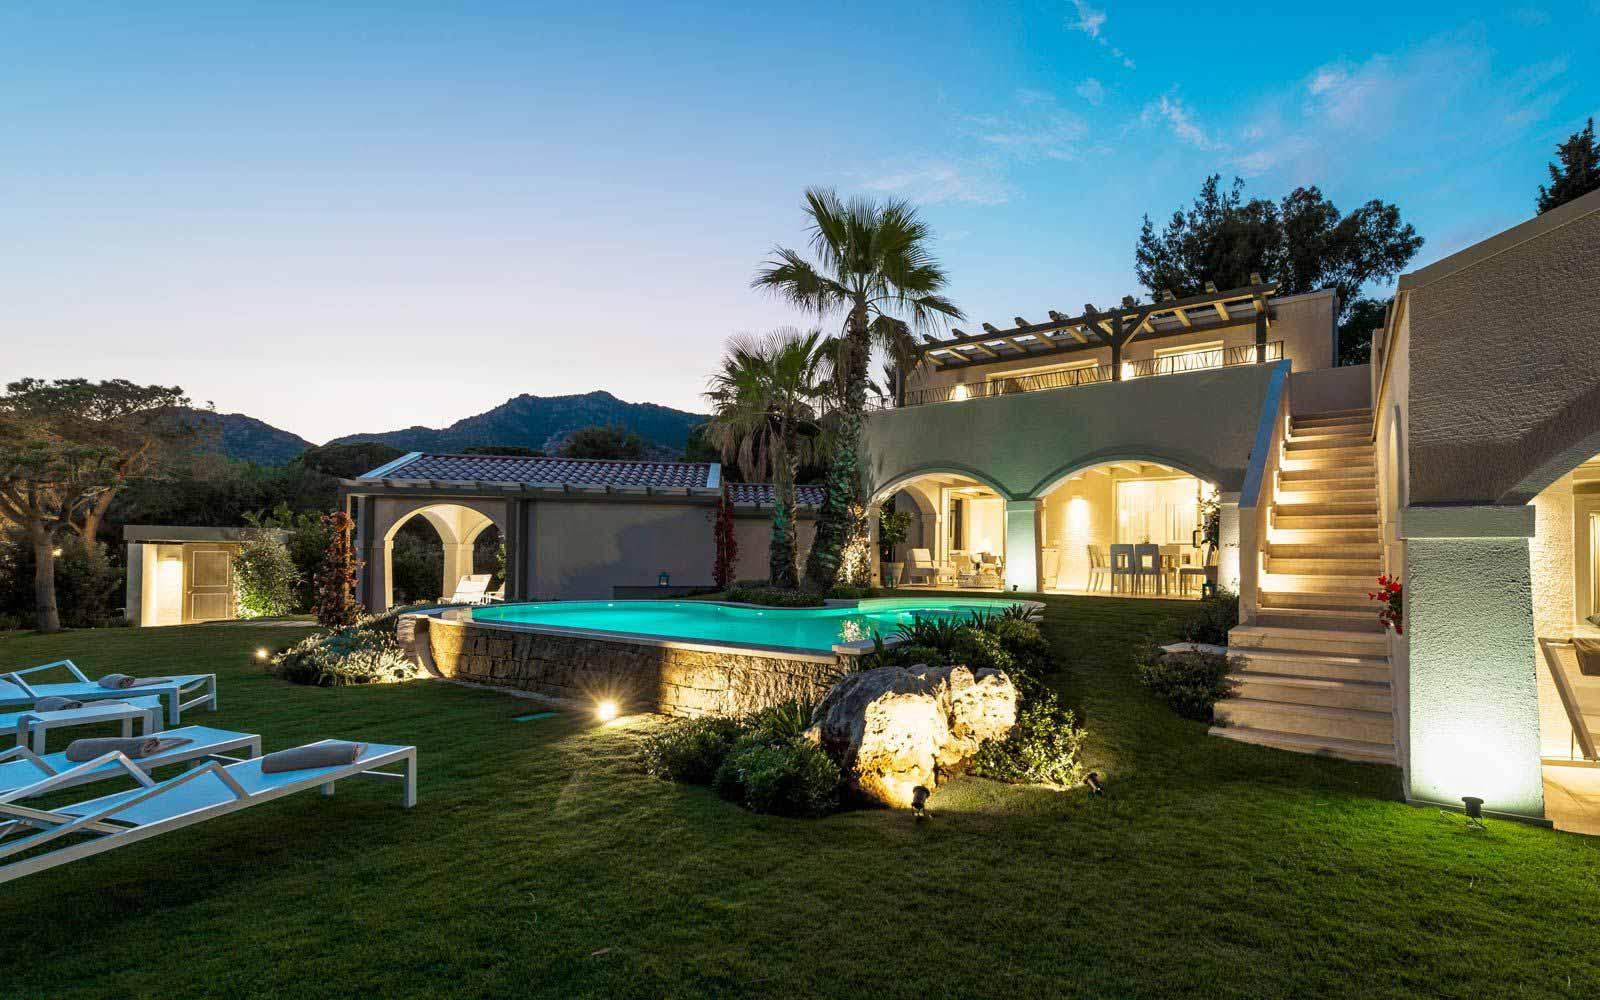 Villa Sodia by night at Forte Village Resort